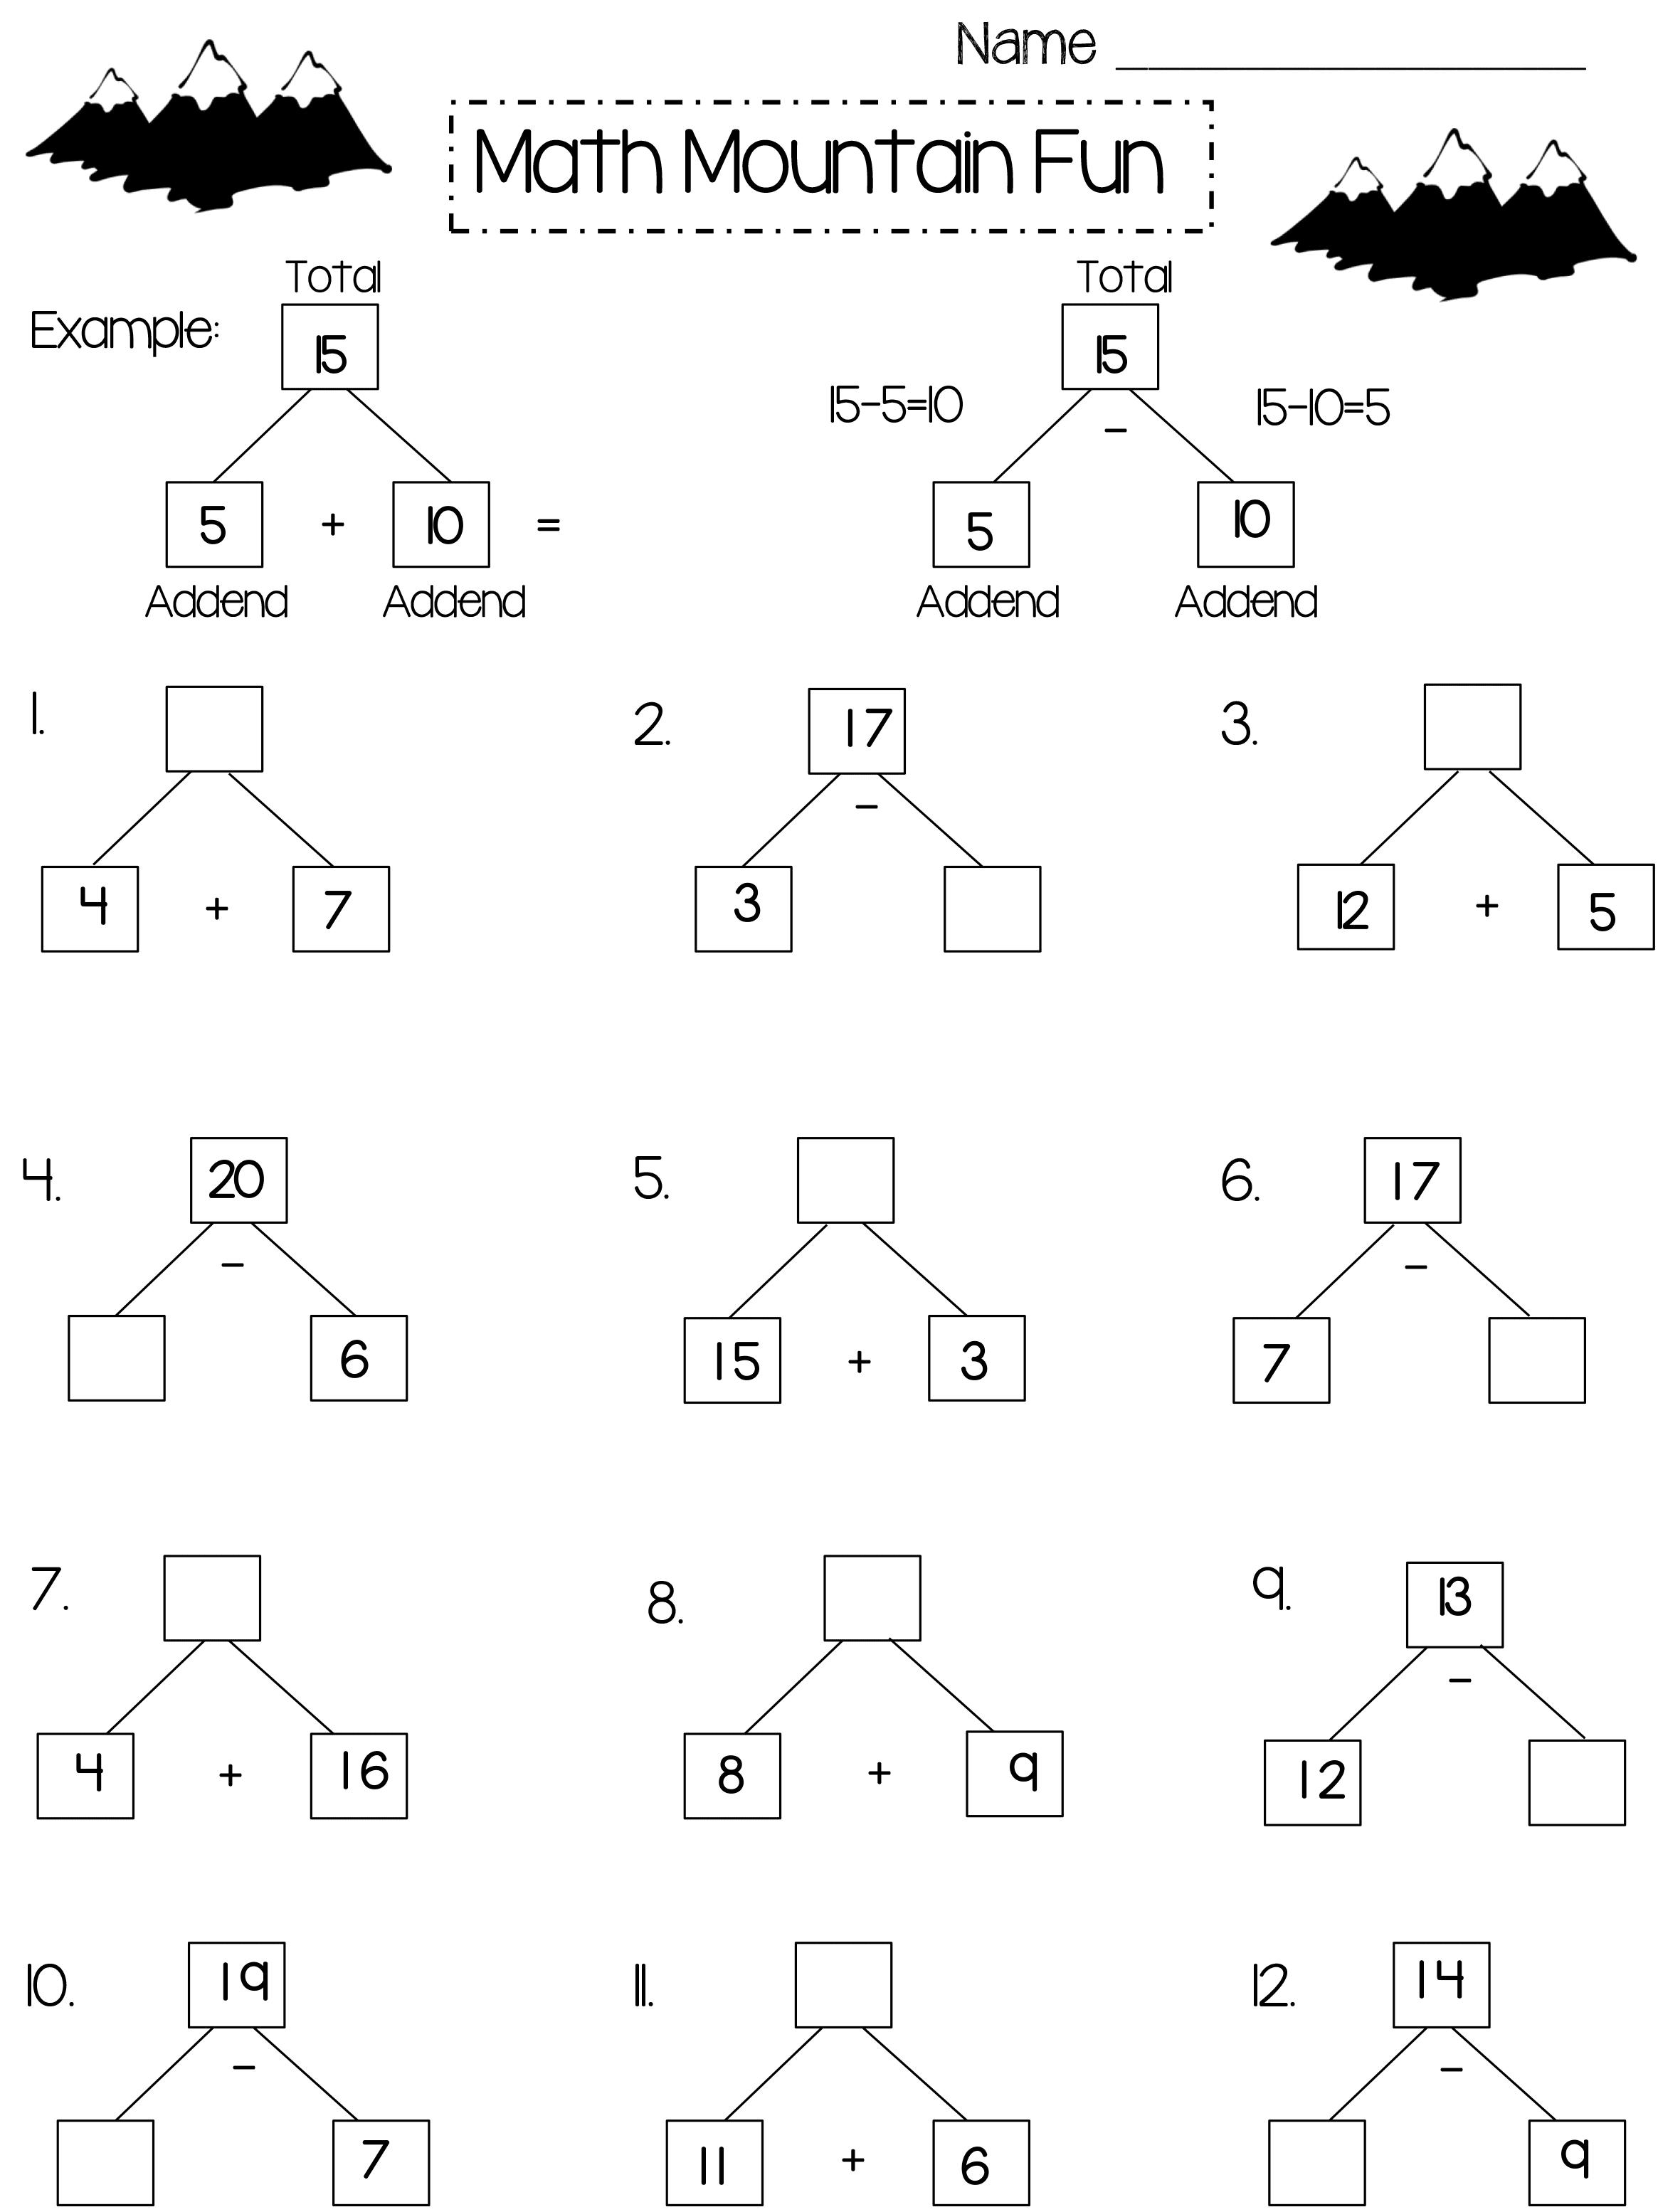 Feuilles d'exercices mathématiques de 2e année